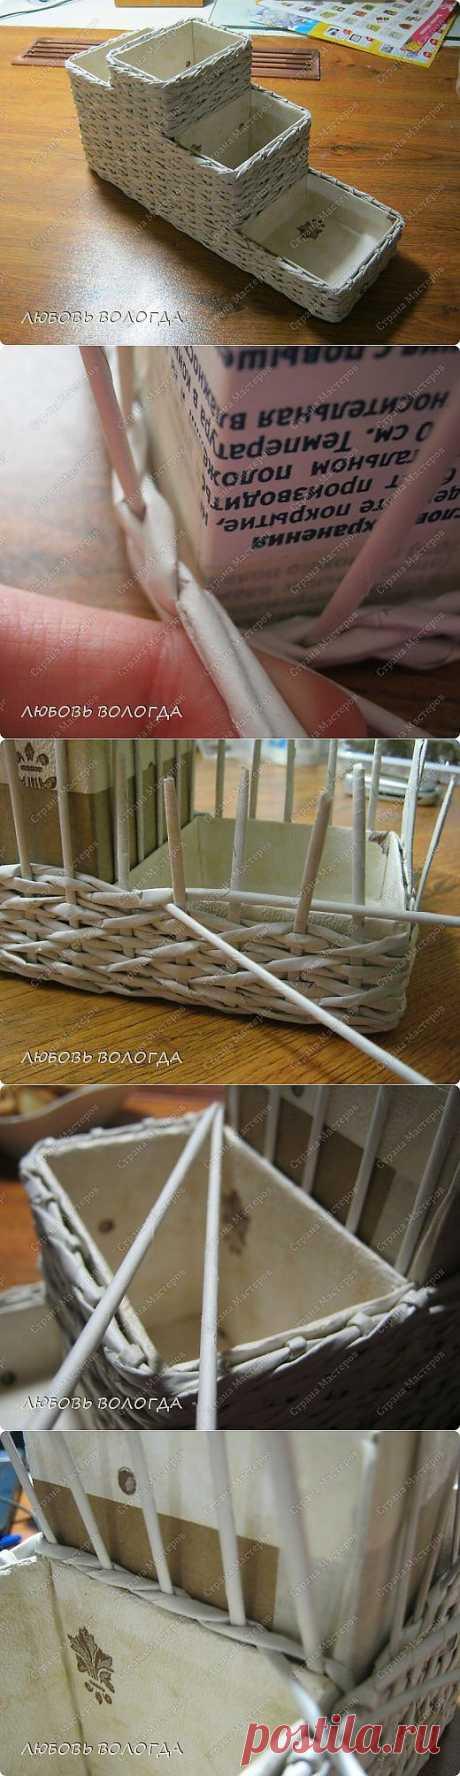 Узор крест накрест, плетение - Плетение из газетных трубочек - Поделки из бумаги - Каталог статей - Рукодел.TV